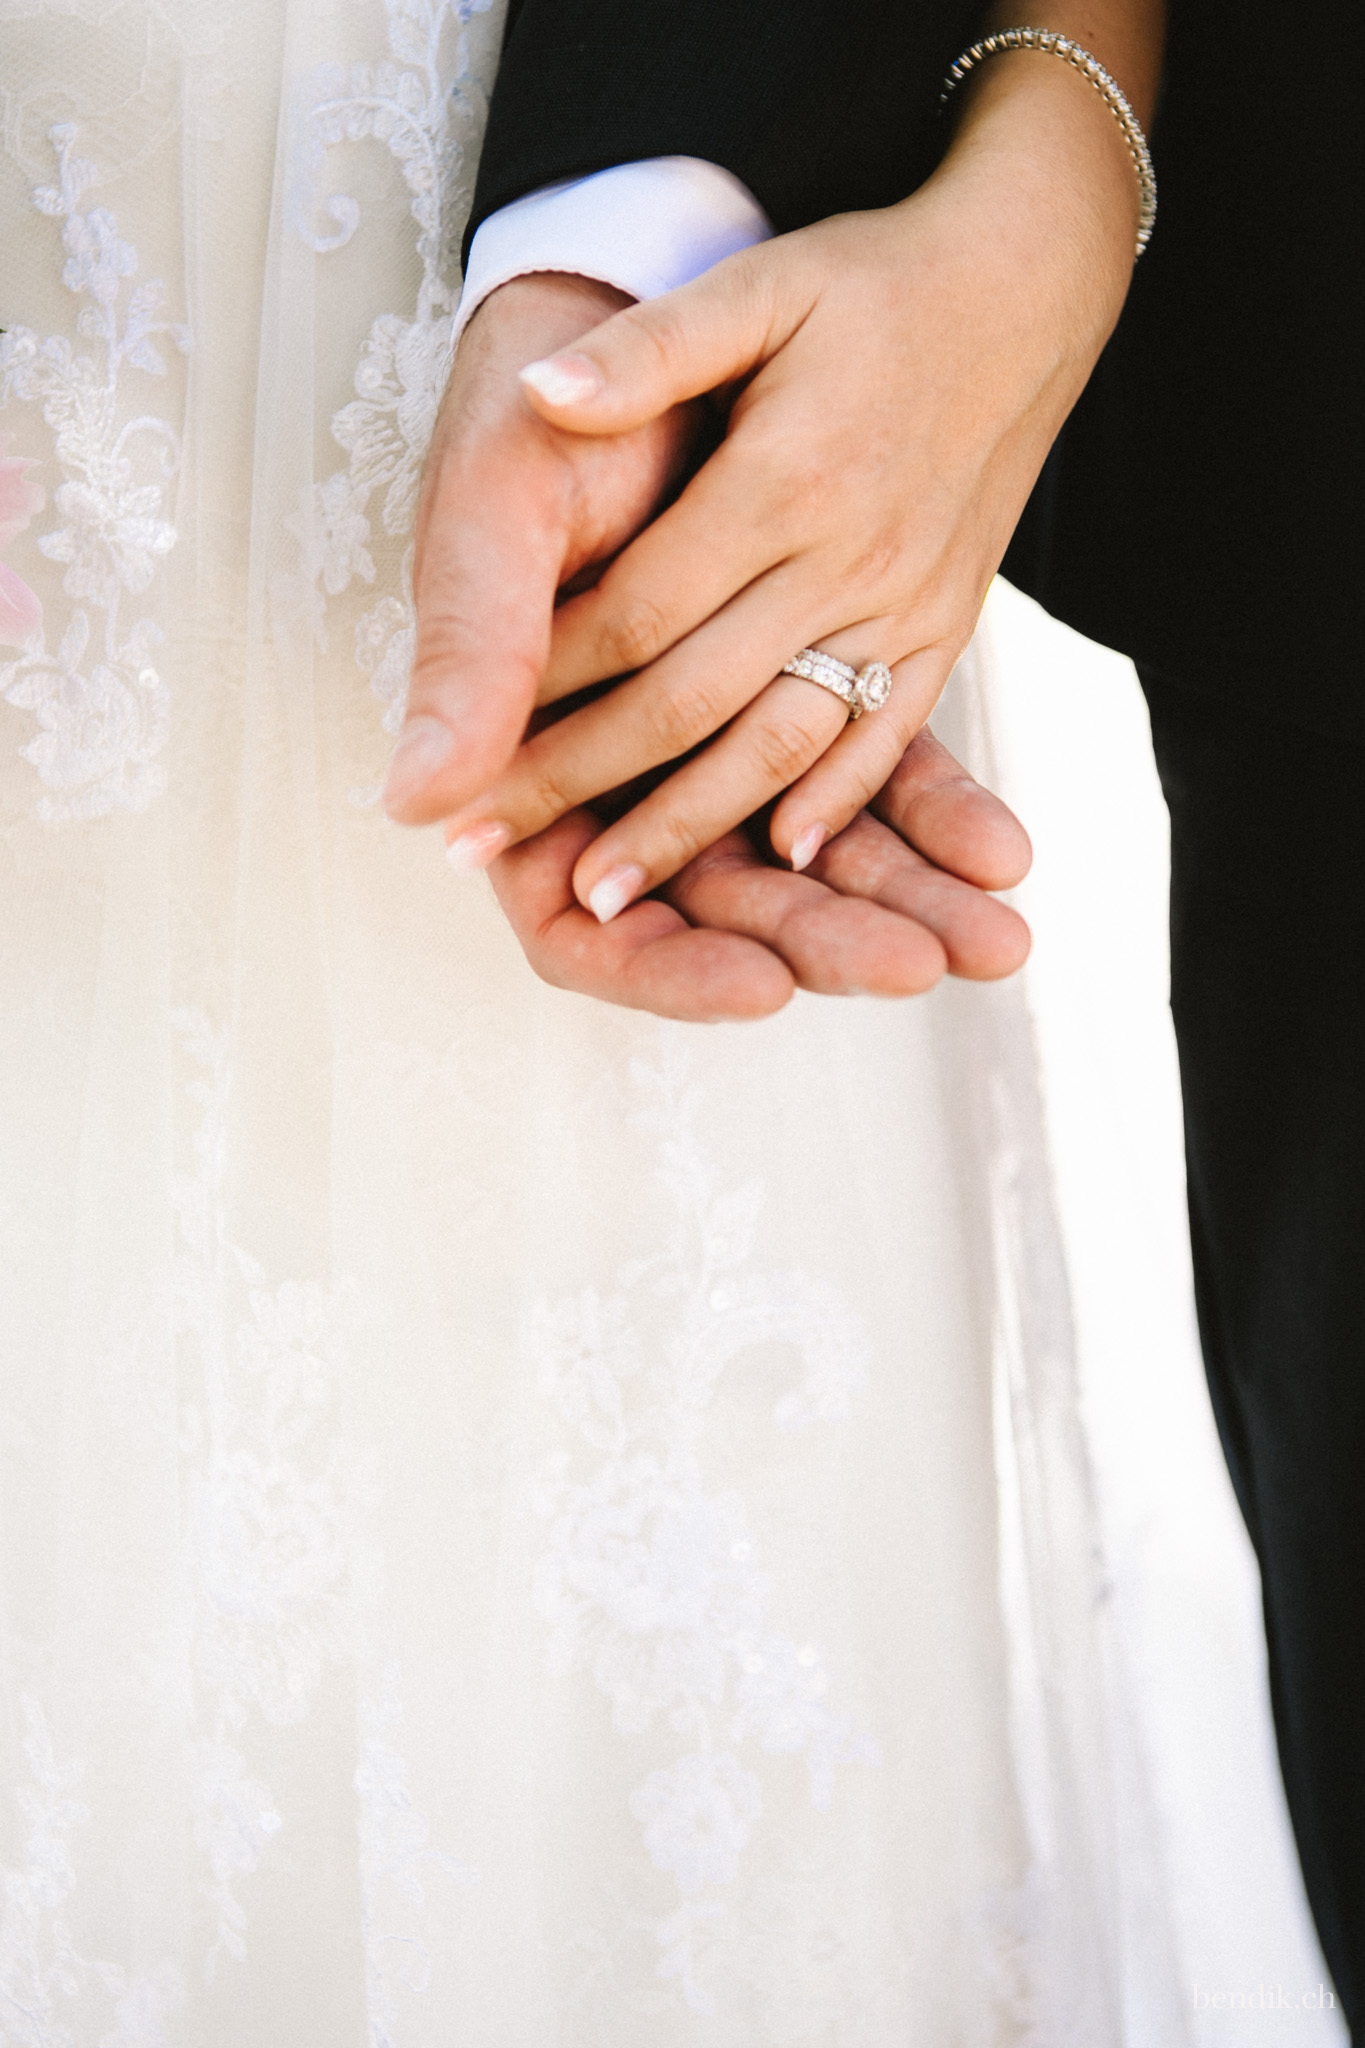 Hände des Brautpaars berühren sich mit sichtbaren Verlobungsring und Trauring